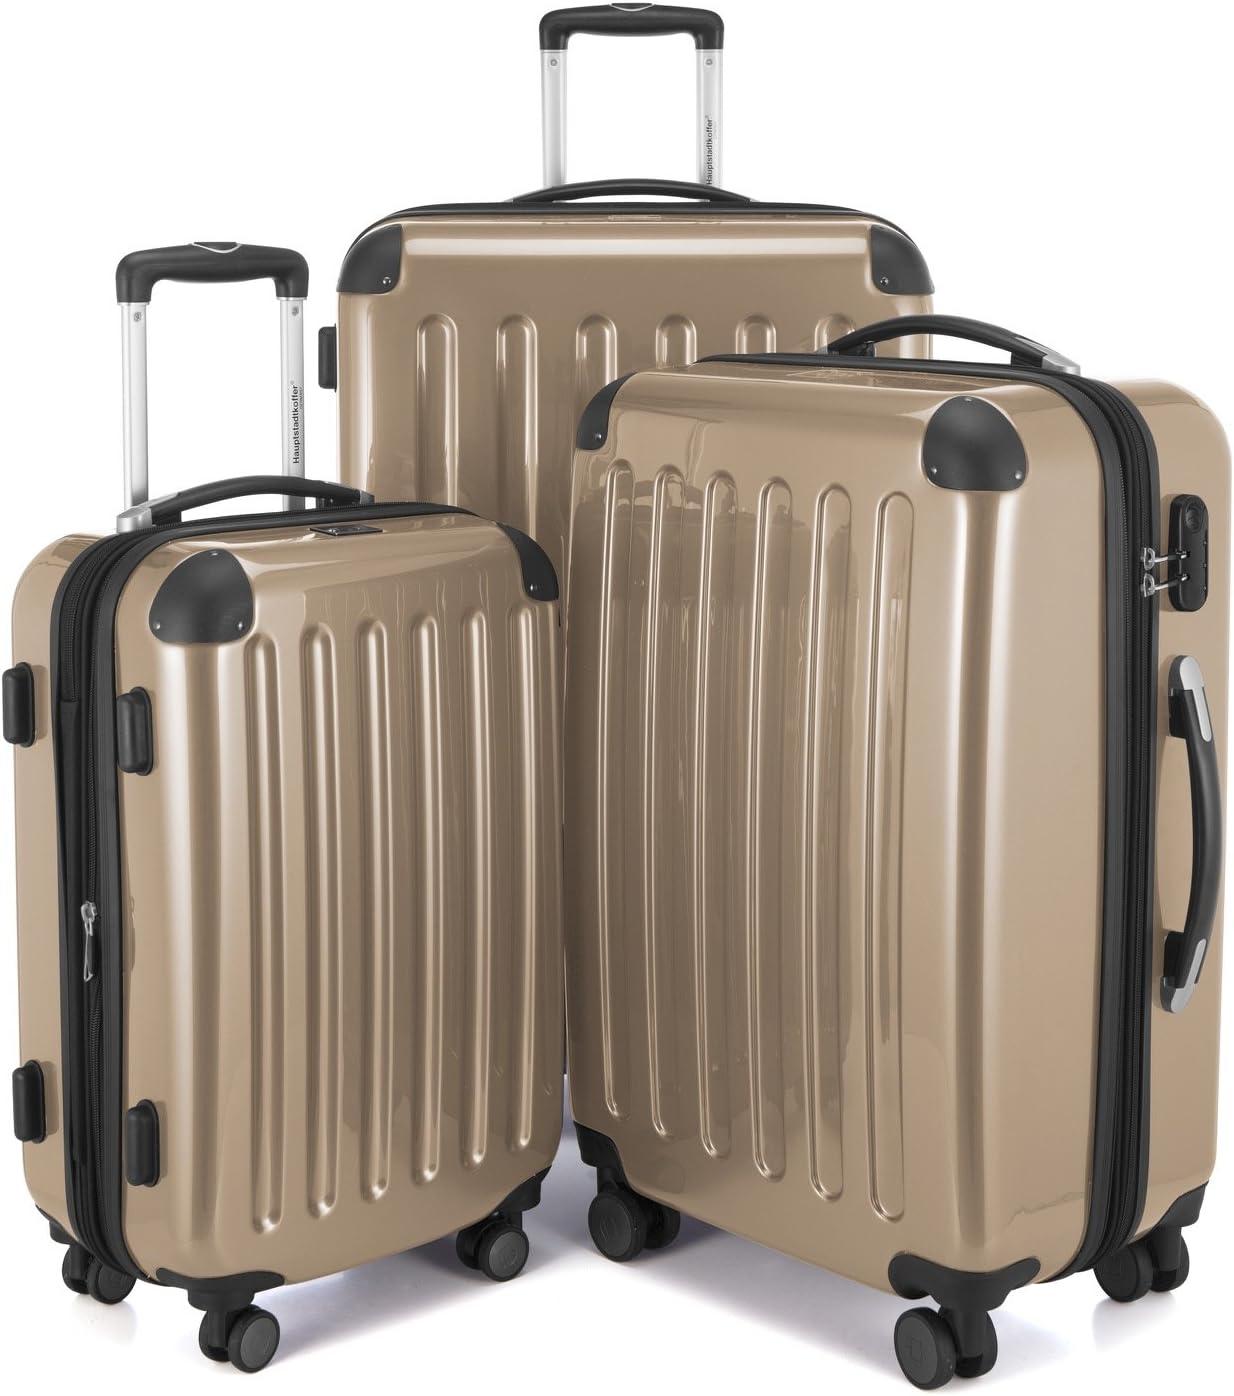 HAUPTSTADTKOFFER 82782028 Juego de 3 maletas, color Champán beige